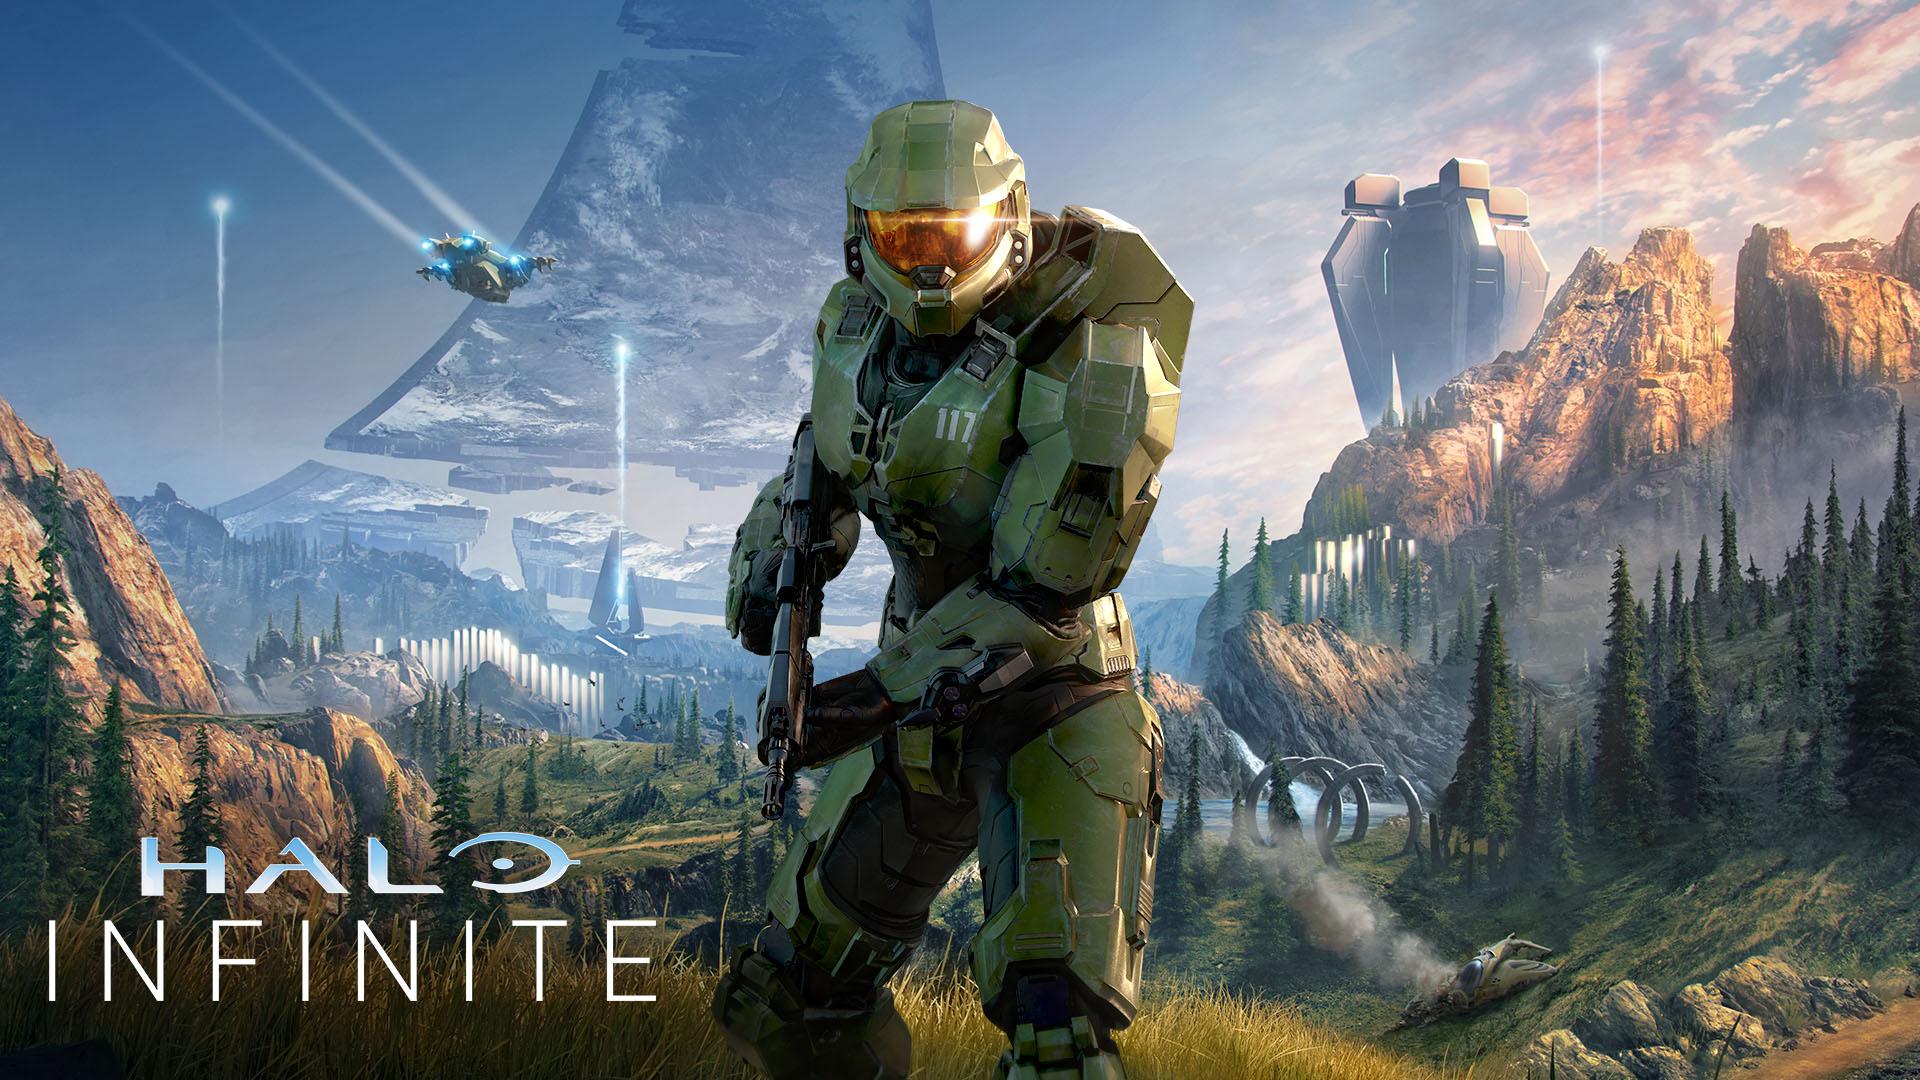 《光环:无限》战役演示仍是开发中画面 发售时会更好!